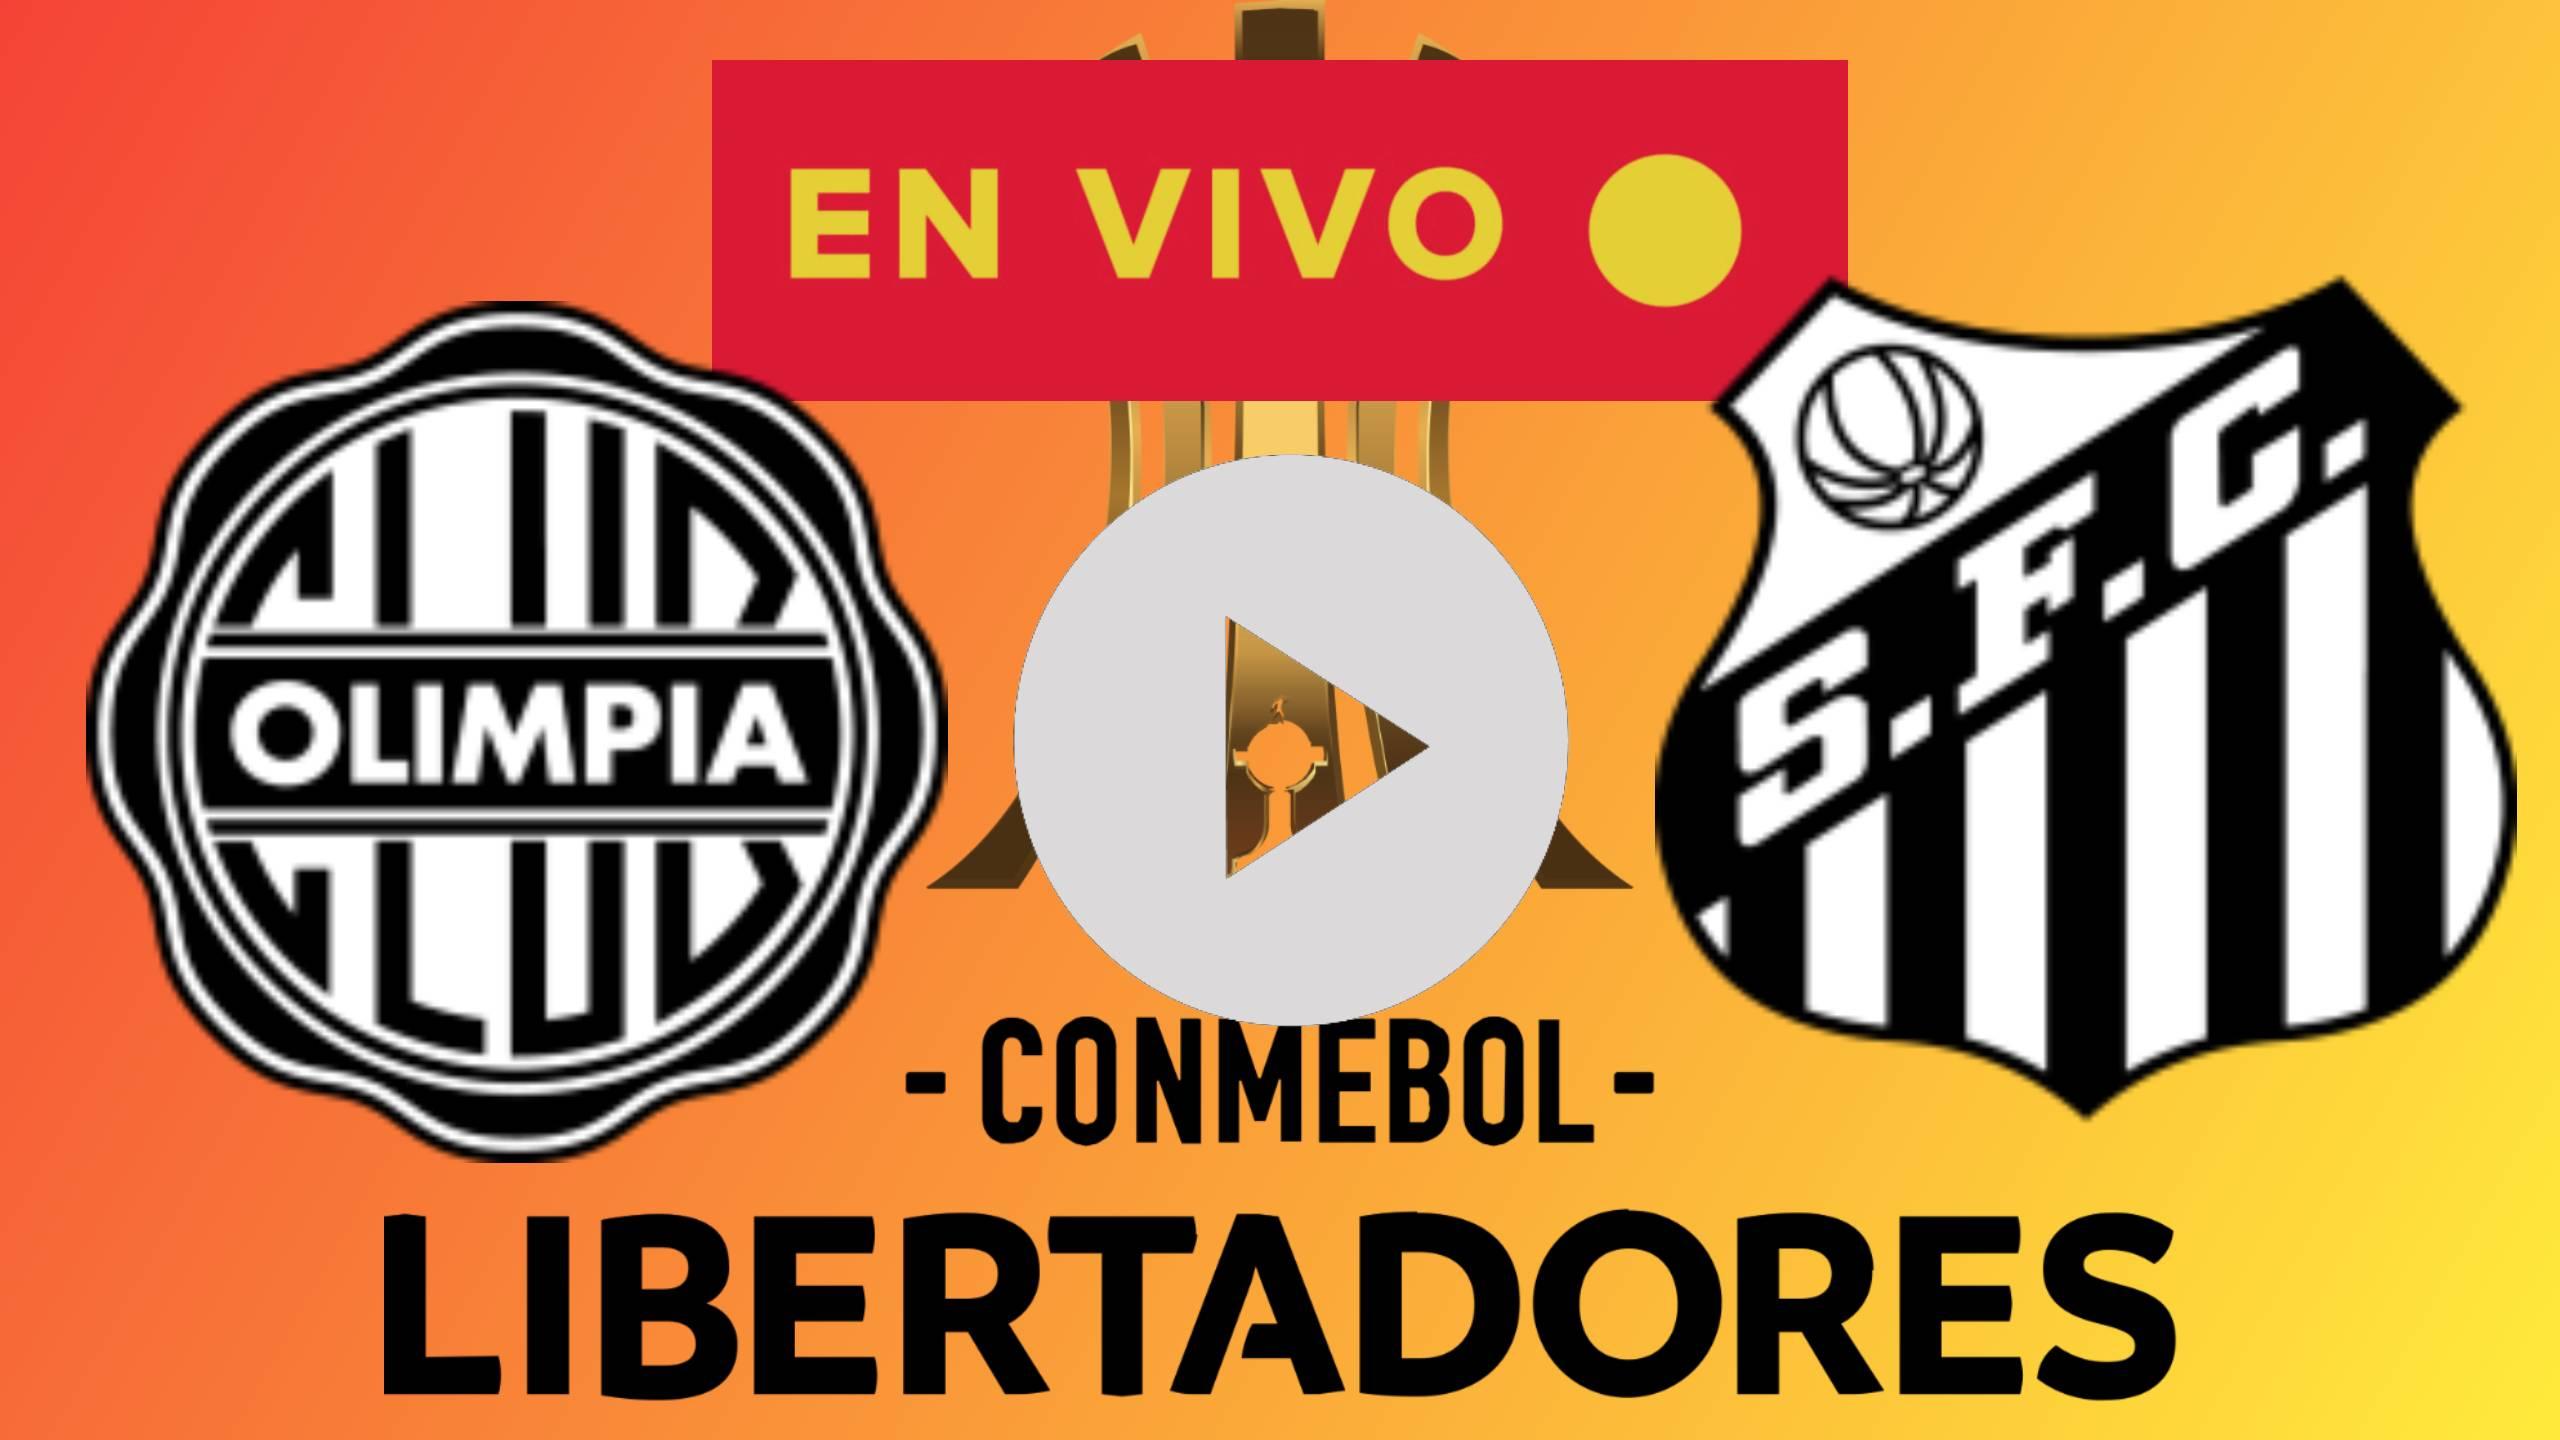 EN VIVO Y EN DIRECTO Olimpia vs. Santos ONLINE por la Copa Libertadores 2020